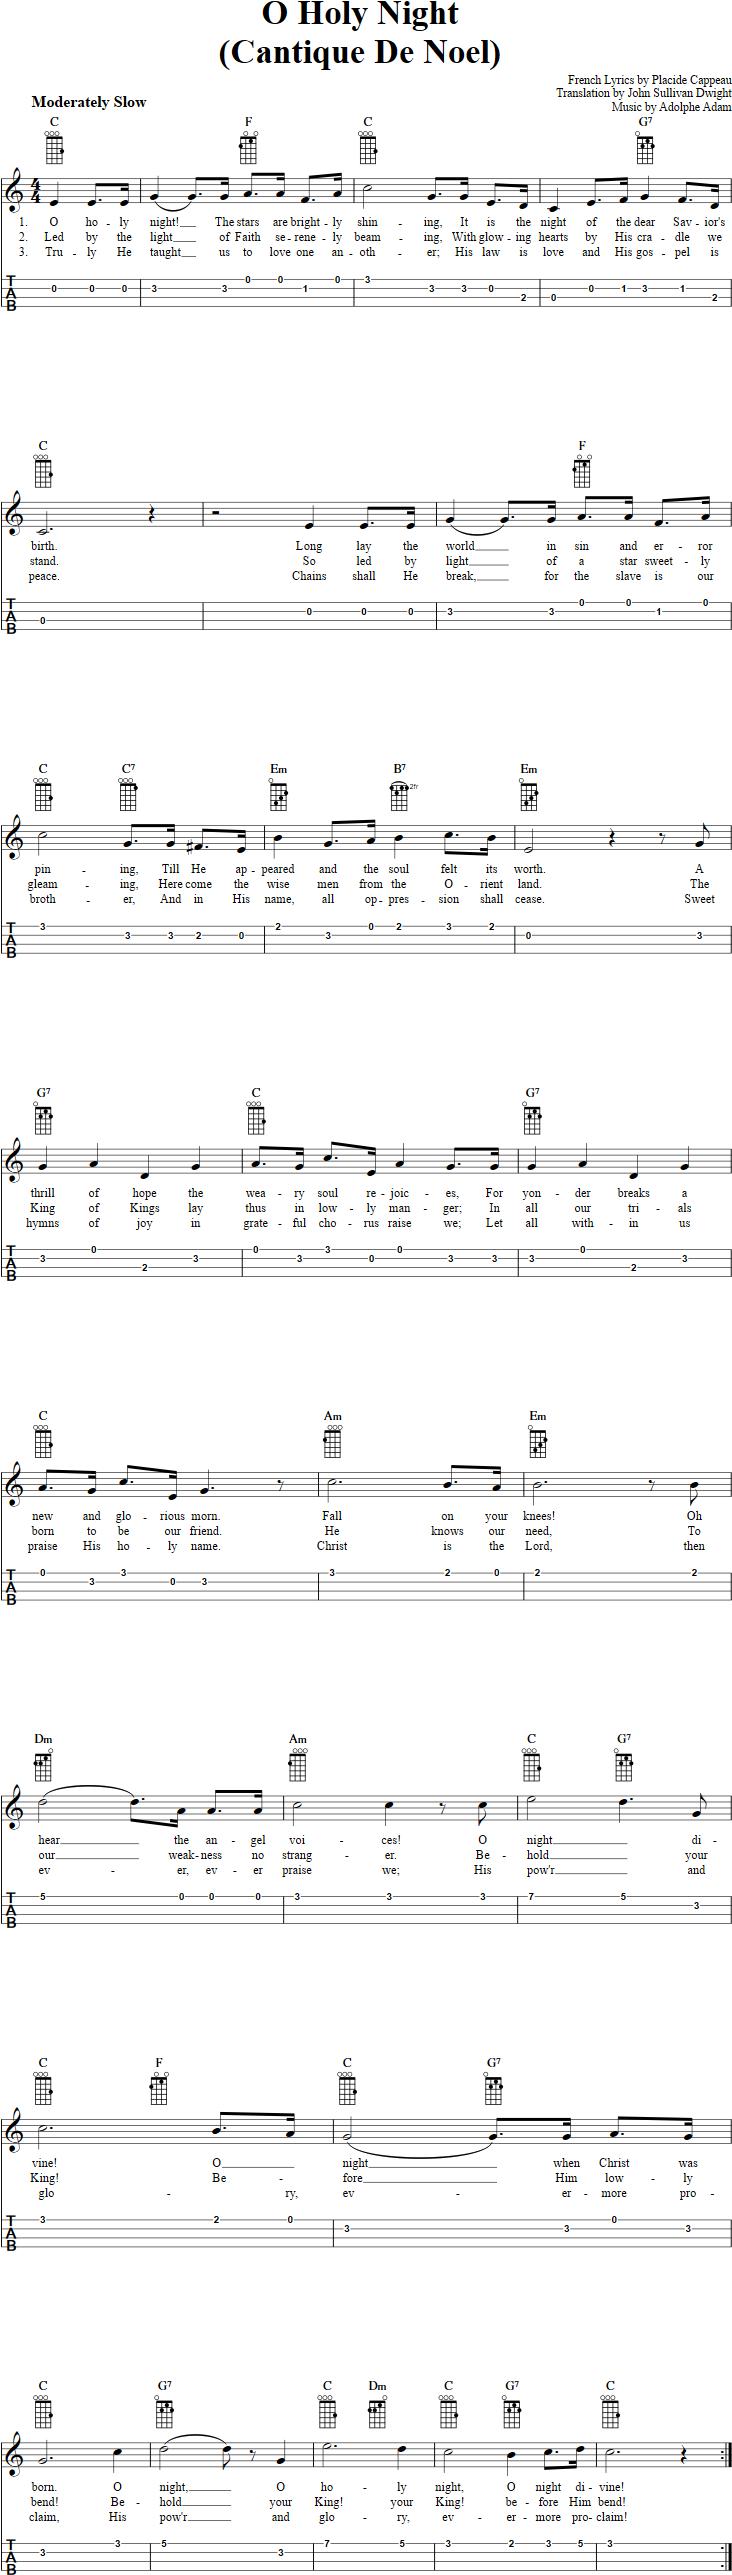 O Holy Night Ukulele Tab | Ukulele Tab Xmas Songs | Ukulele